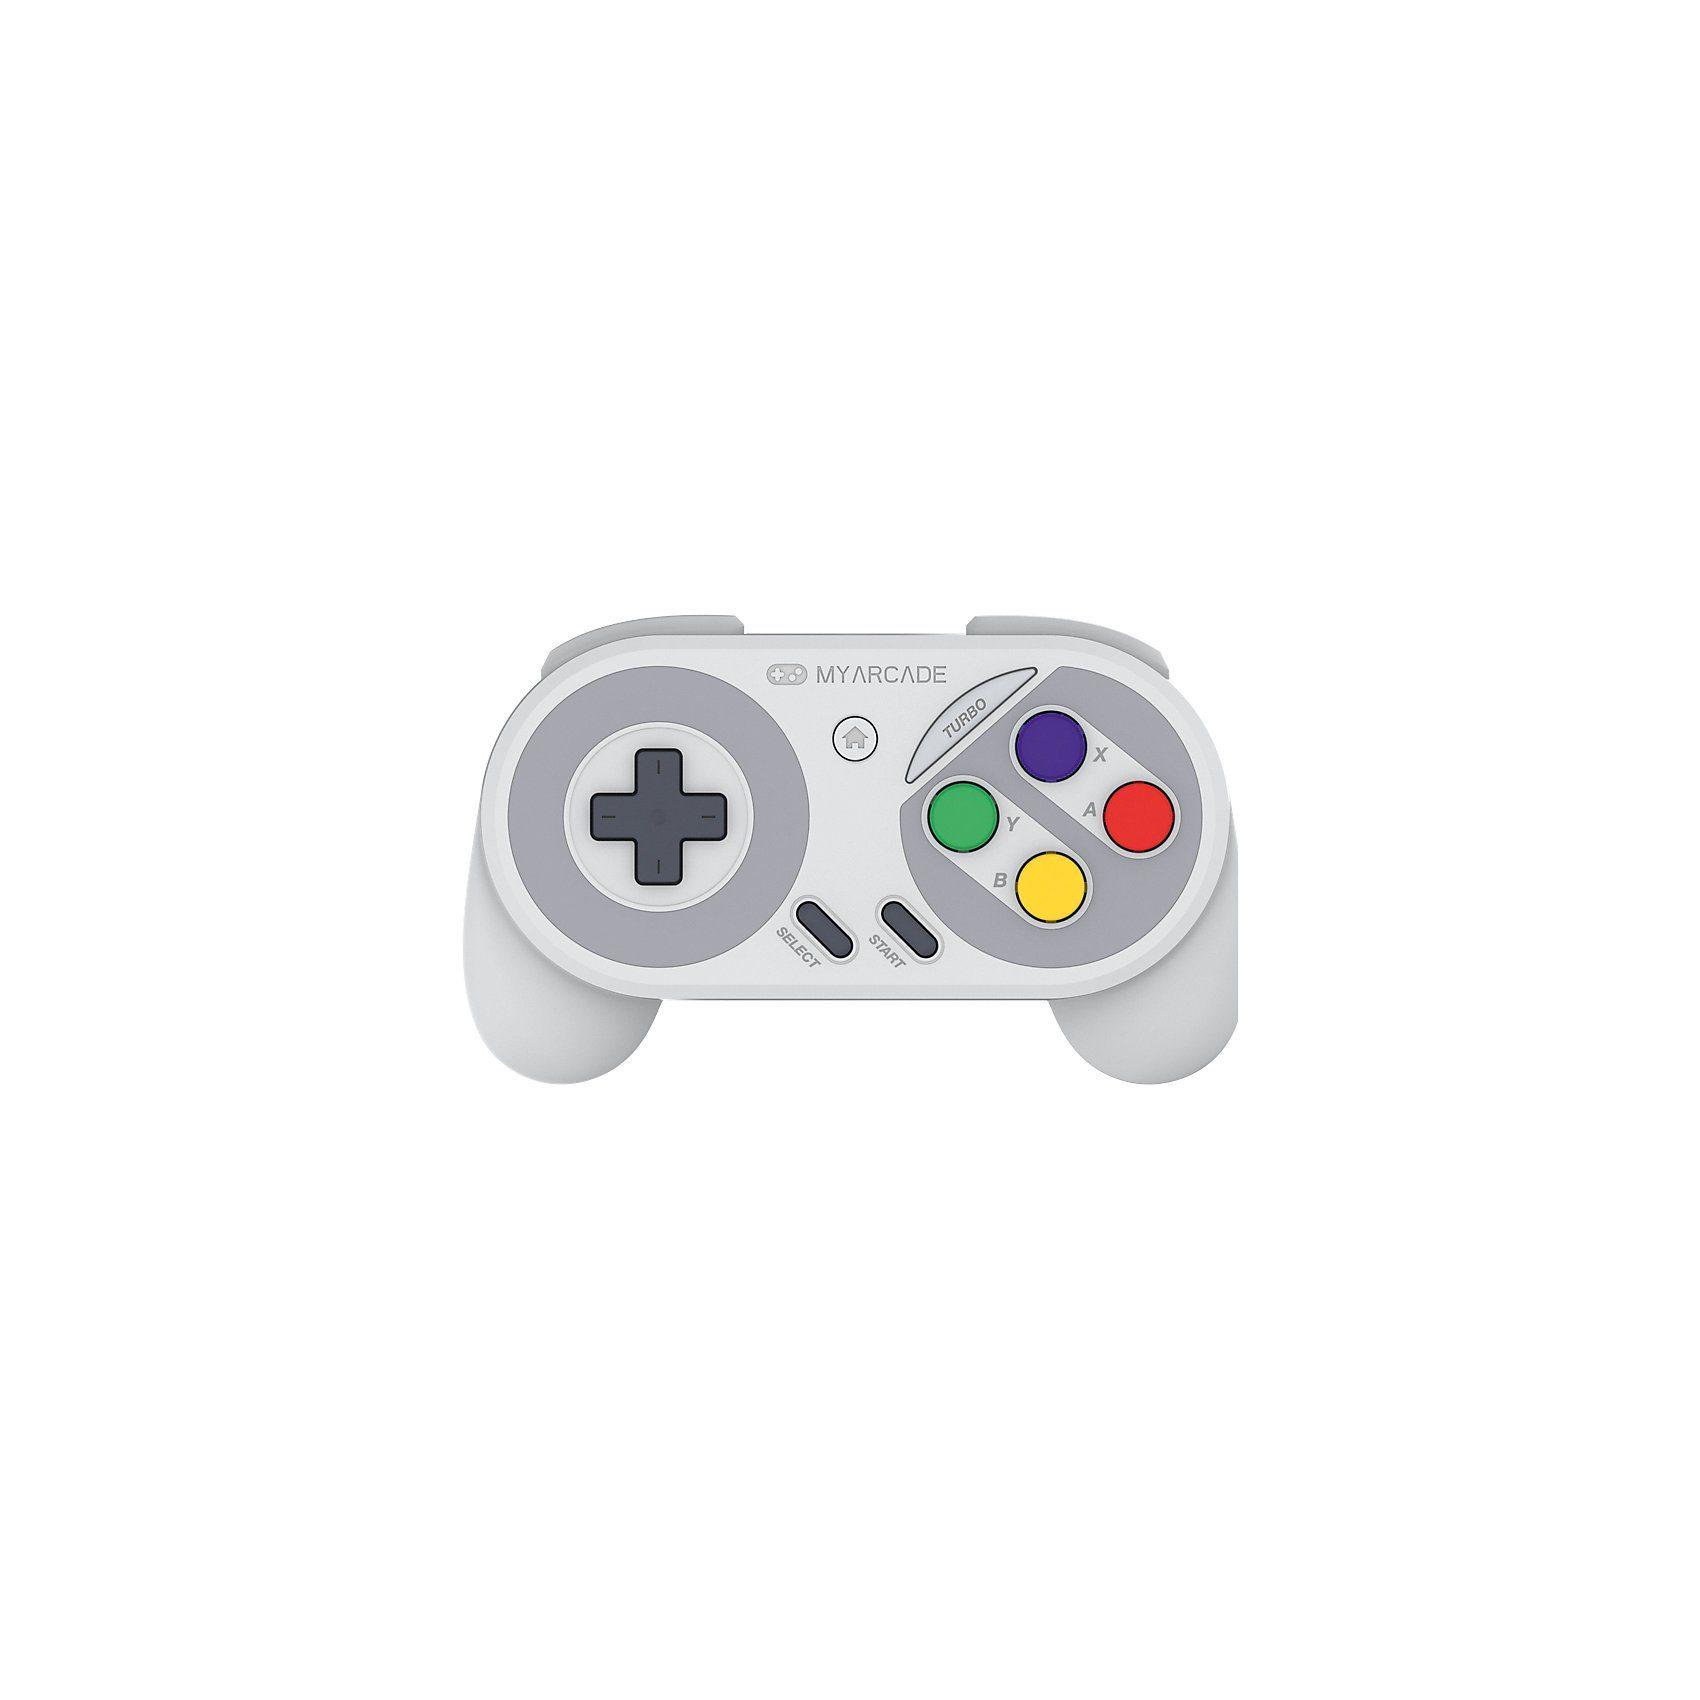 Sony SNES Famicom Super Gamepad (SNES Mini/NES Mini/Wii U/Wii)